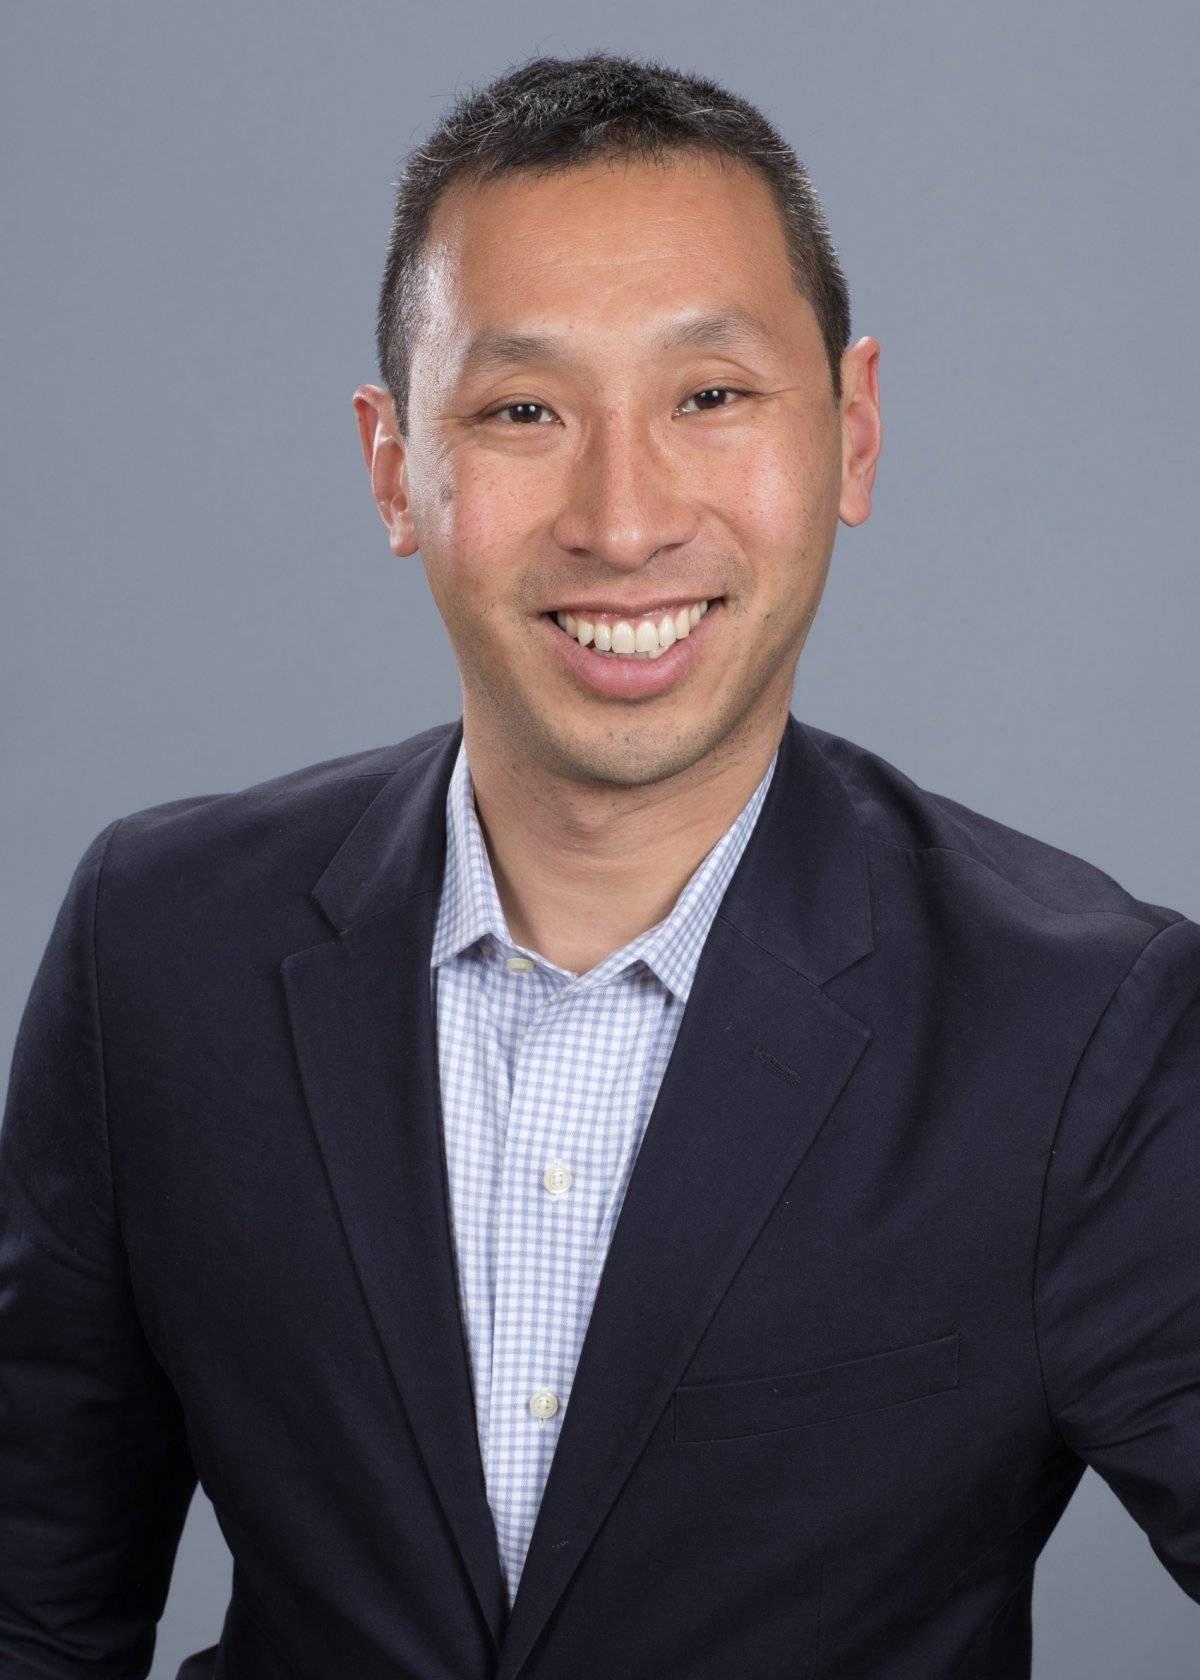 Mark Wu